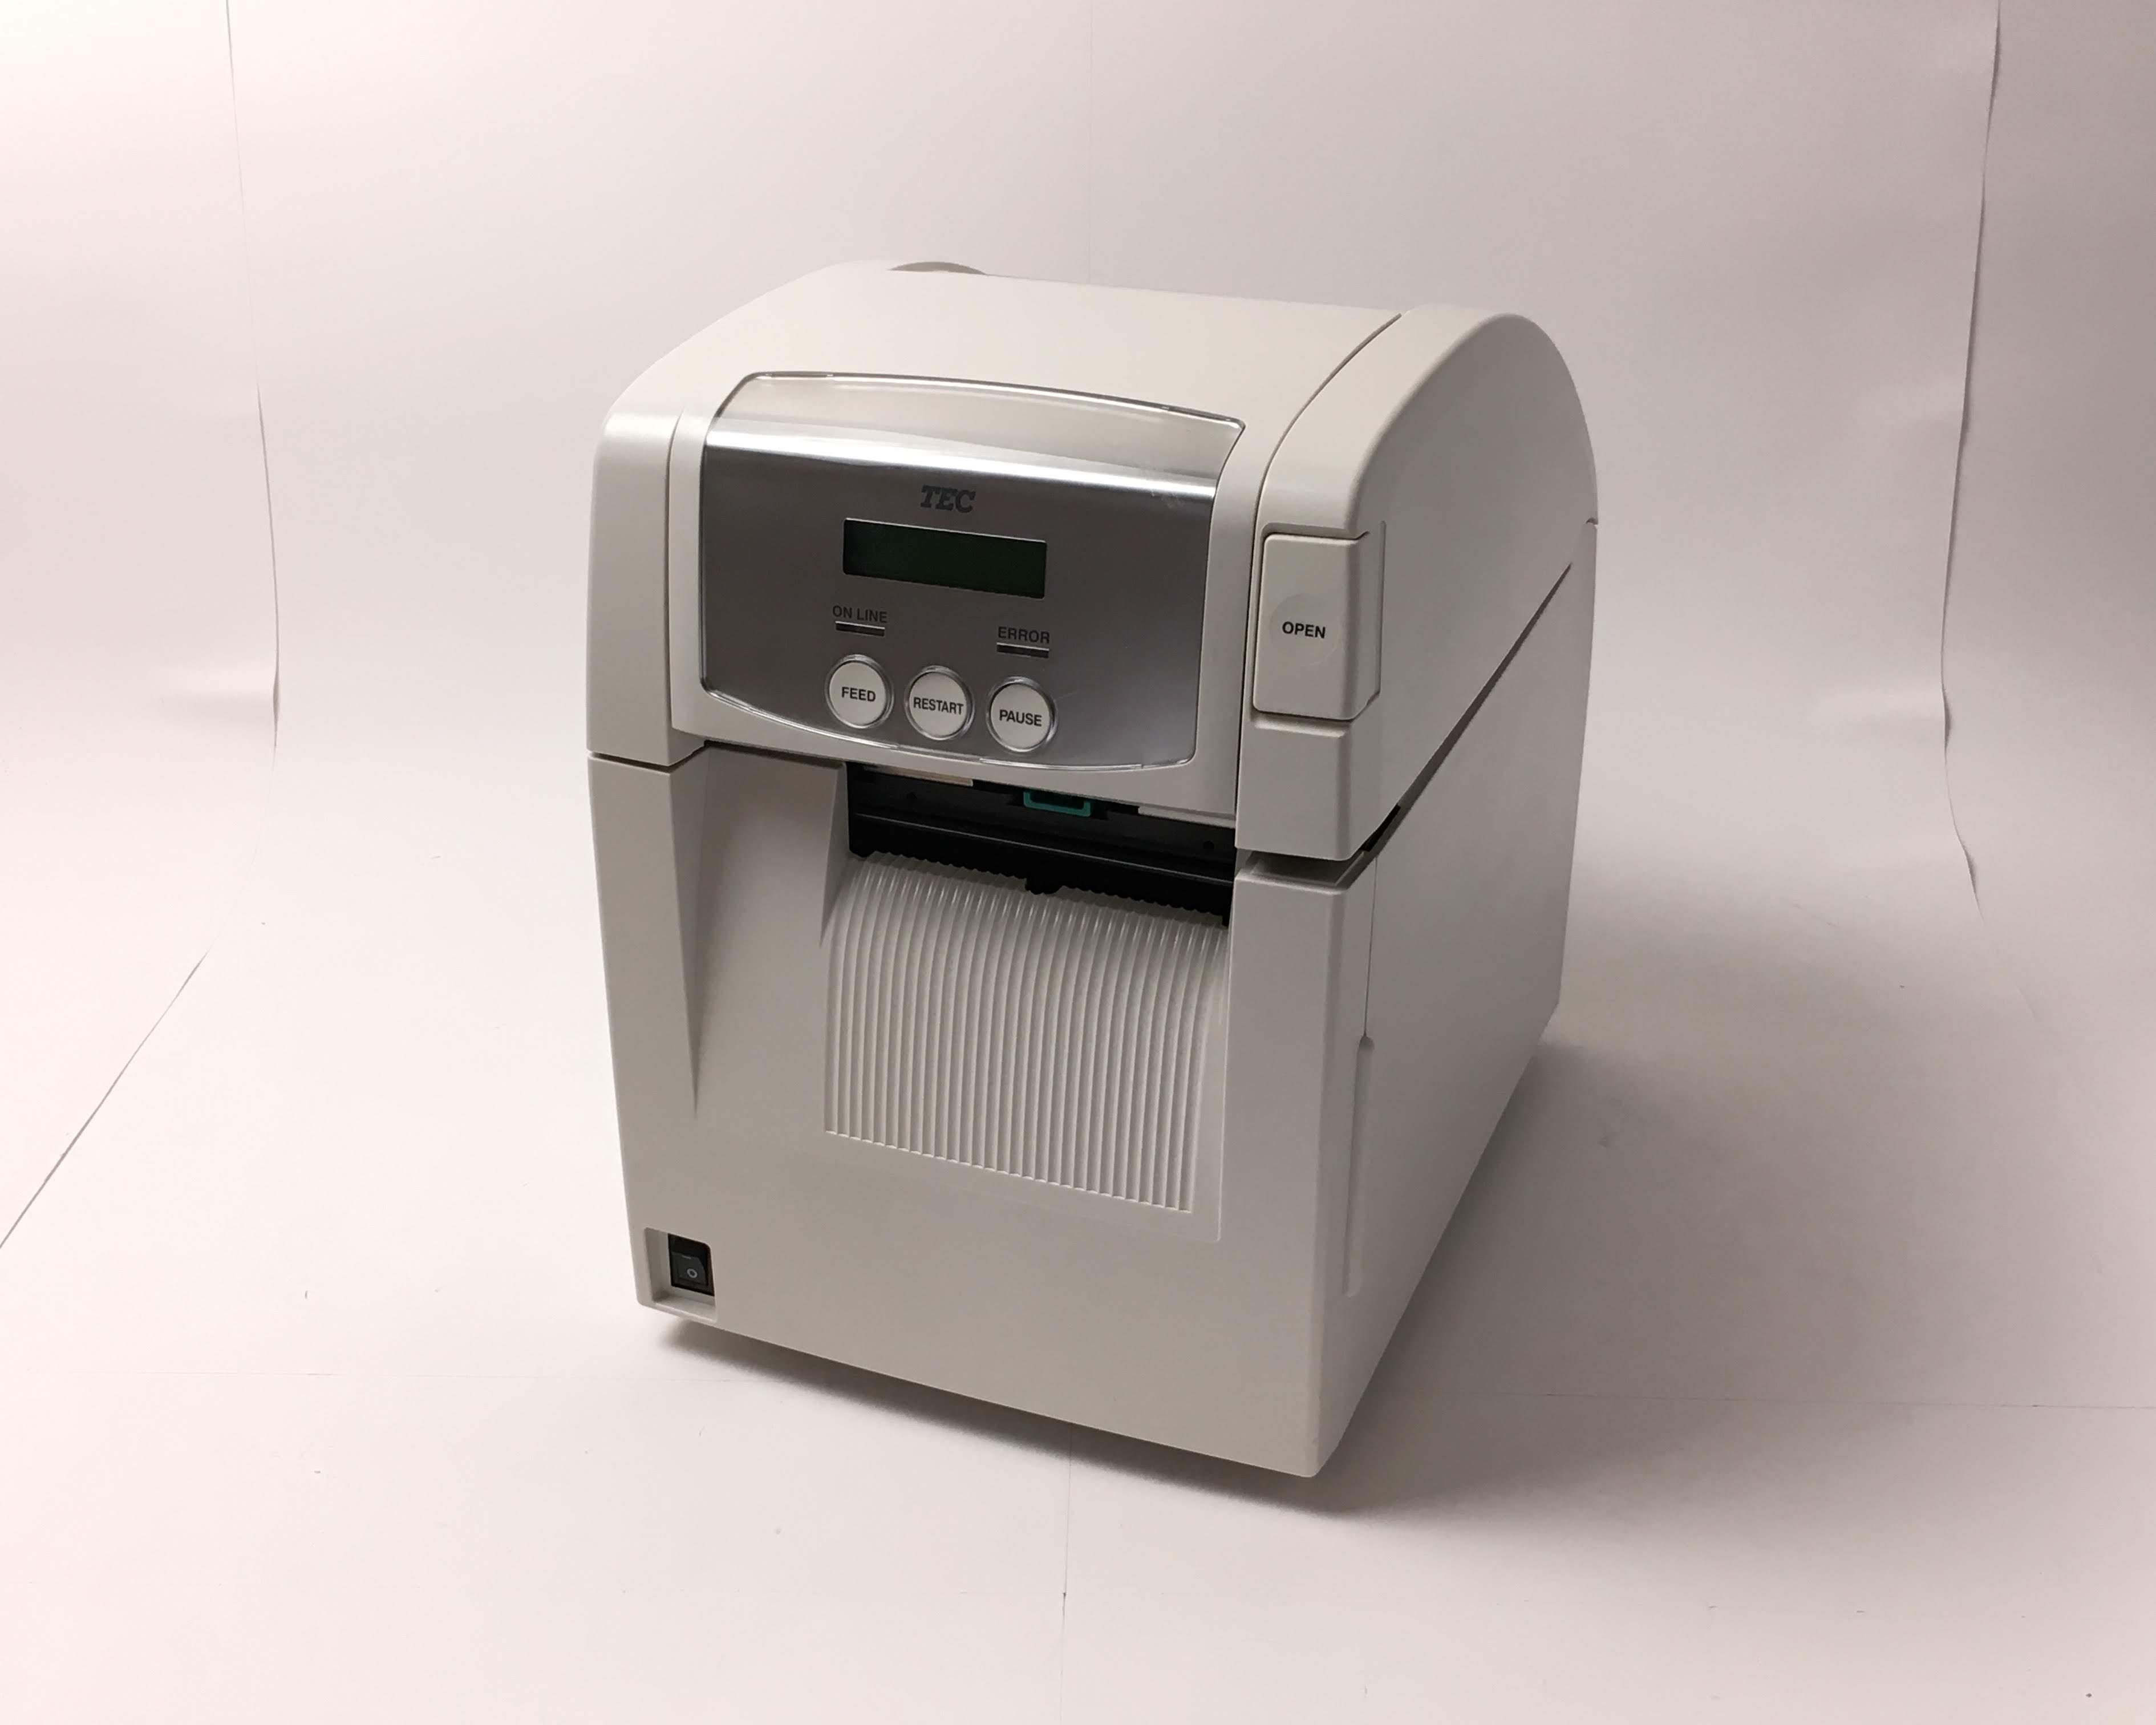 【優良中古】TEC バーコードプリンター B-SA4TP-TS15 カッター付 メイン画像